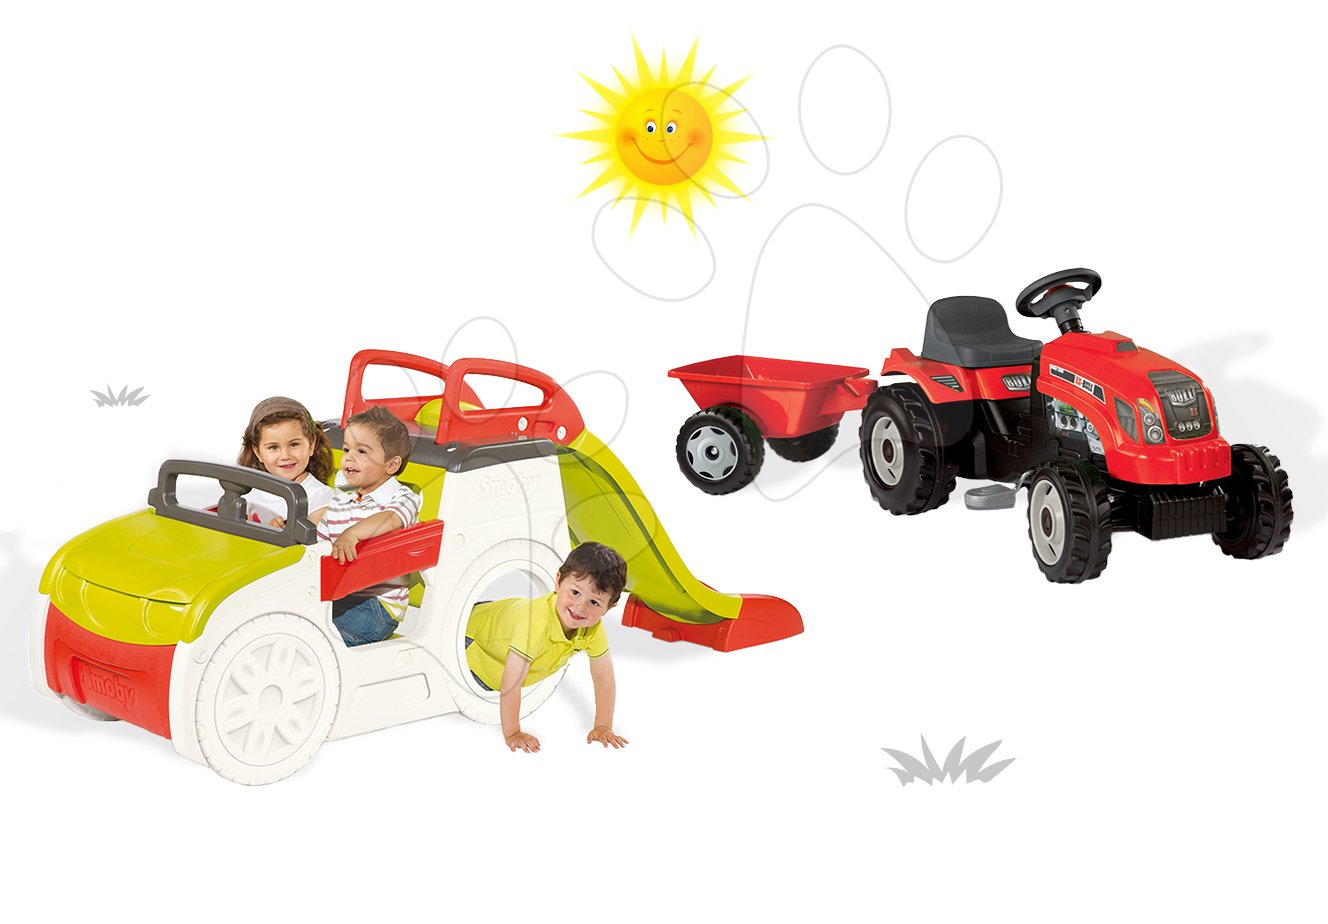 Set prolézačka pro děti Adventure Car Smoby se skluzavkou dlouhou 150 cm a traktor RX Bull s přívěsem od 2 let